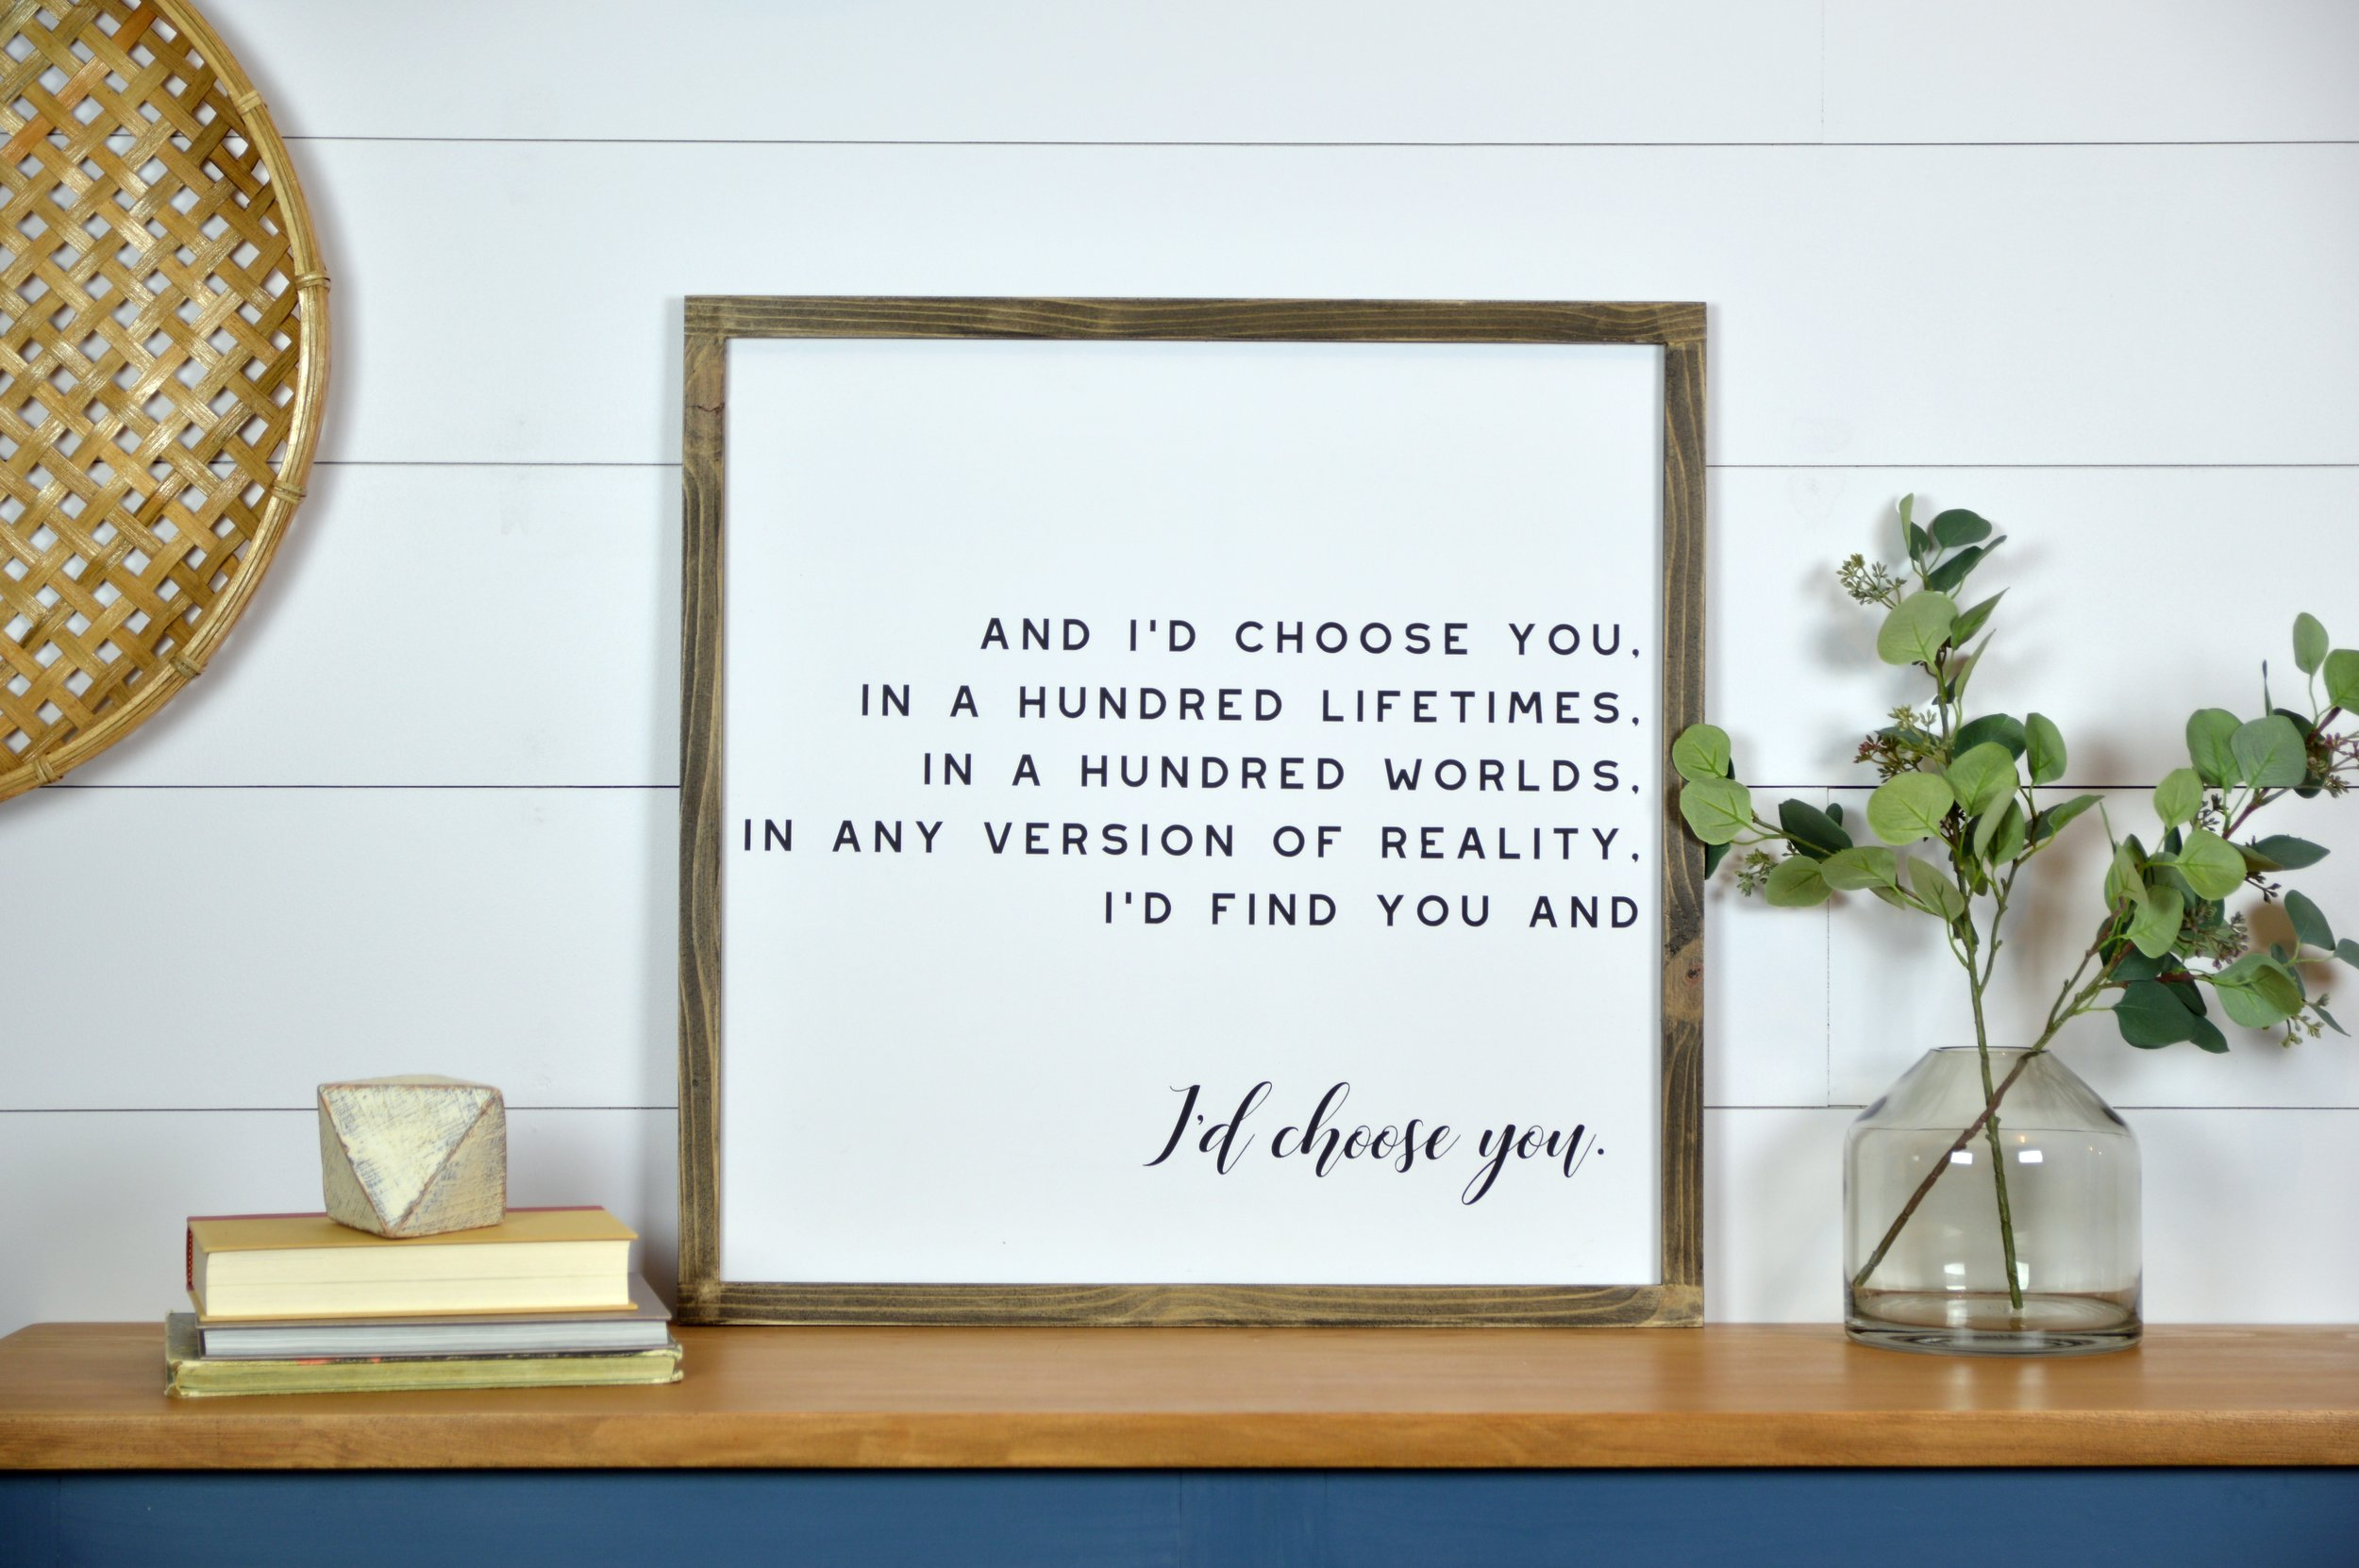 i'd choose you 2.jpg